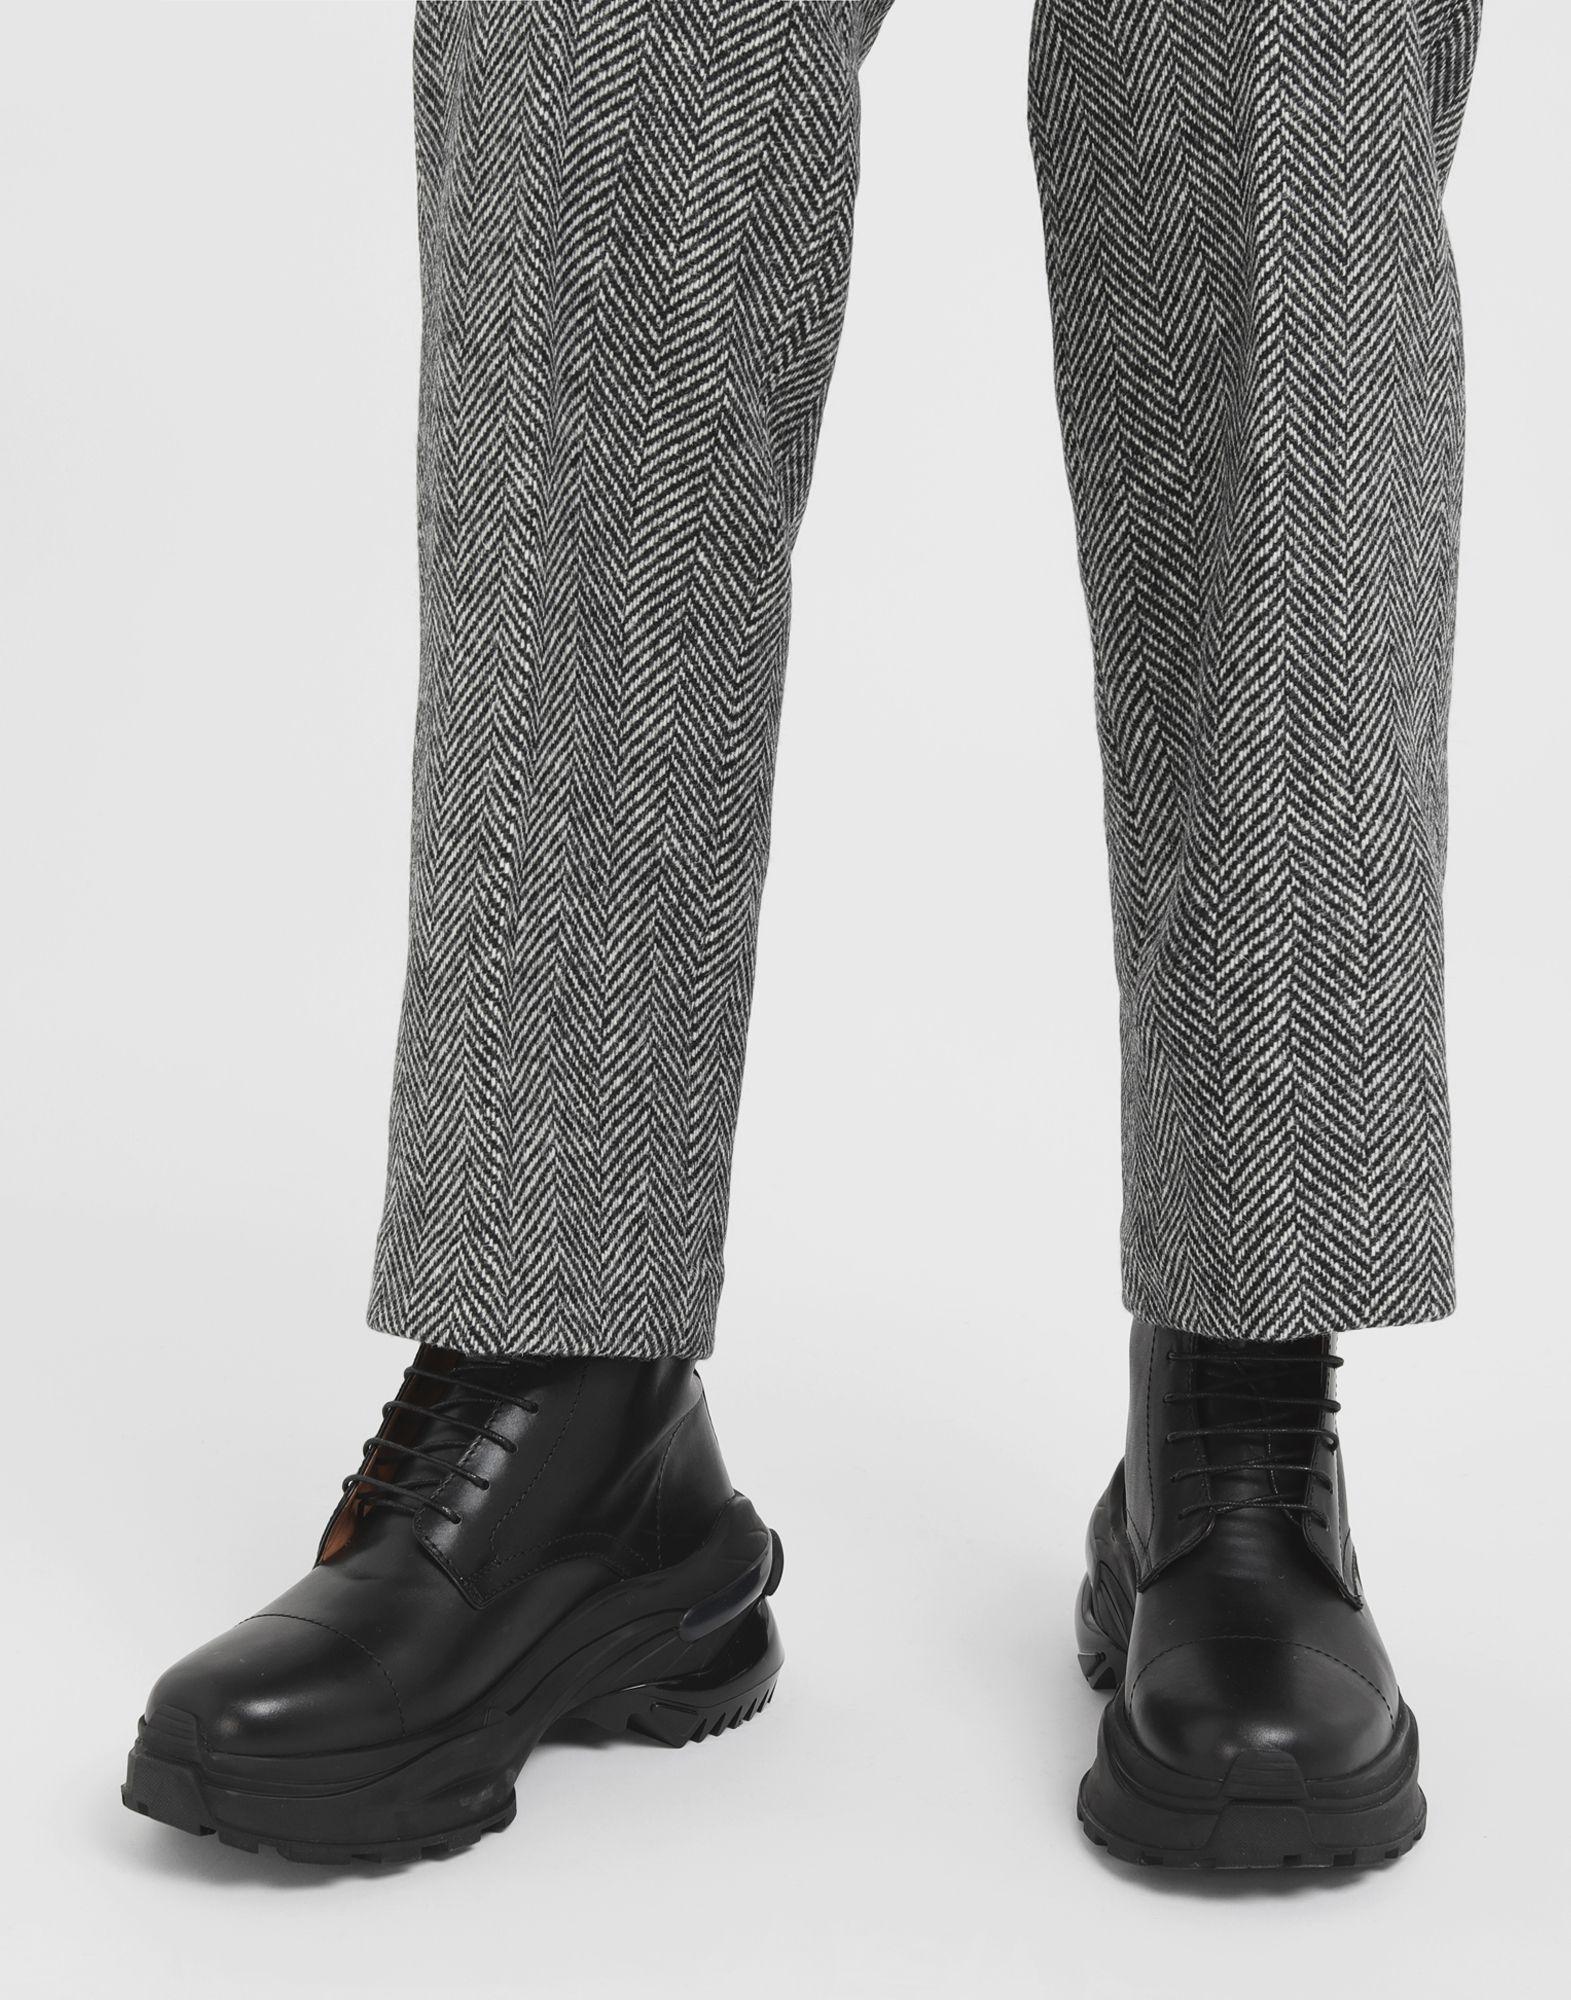 MAISON MARGIELA Leather combat boots Ankle boots Man r